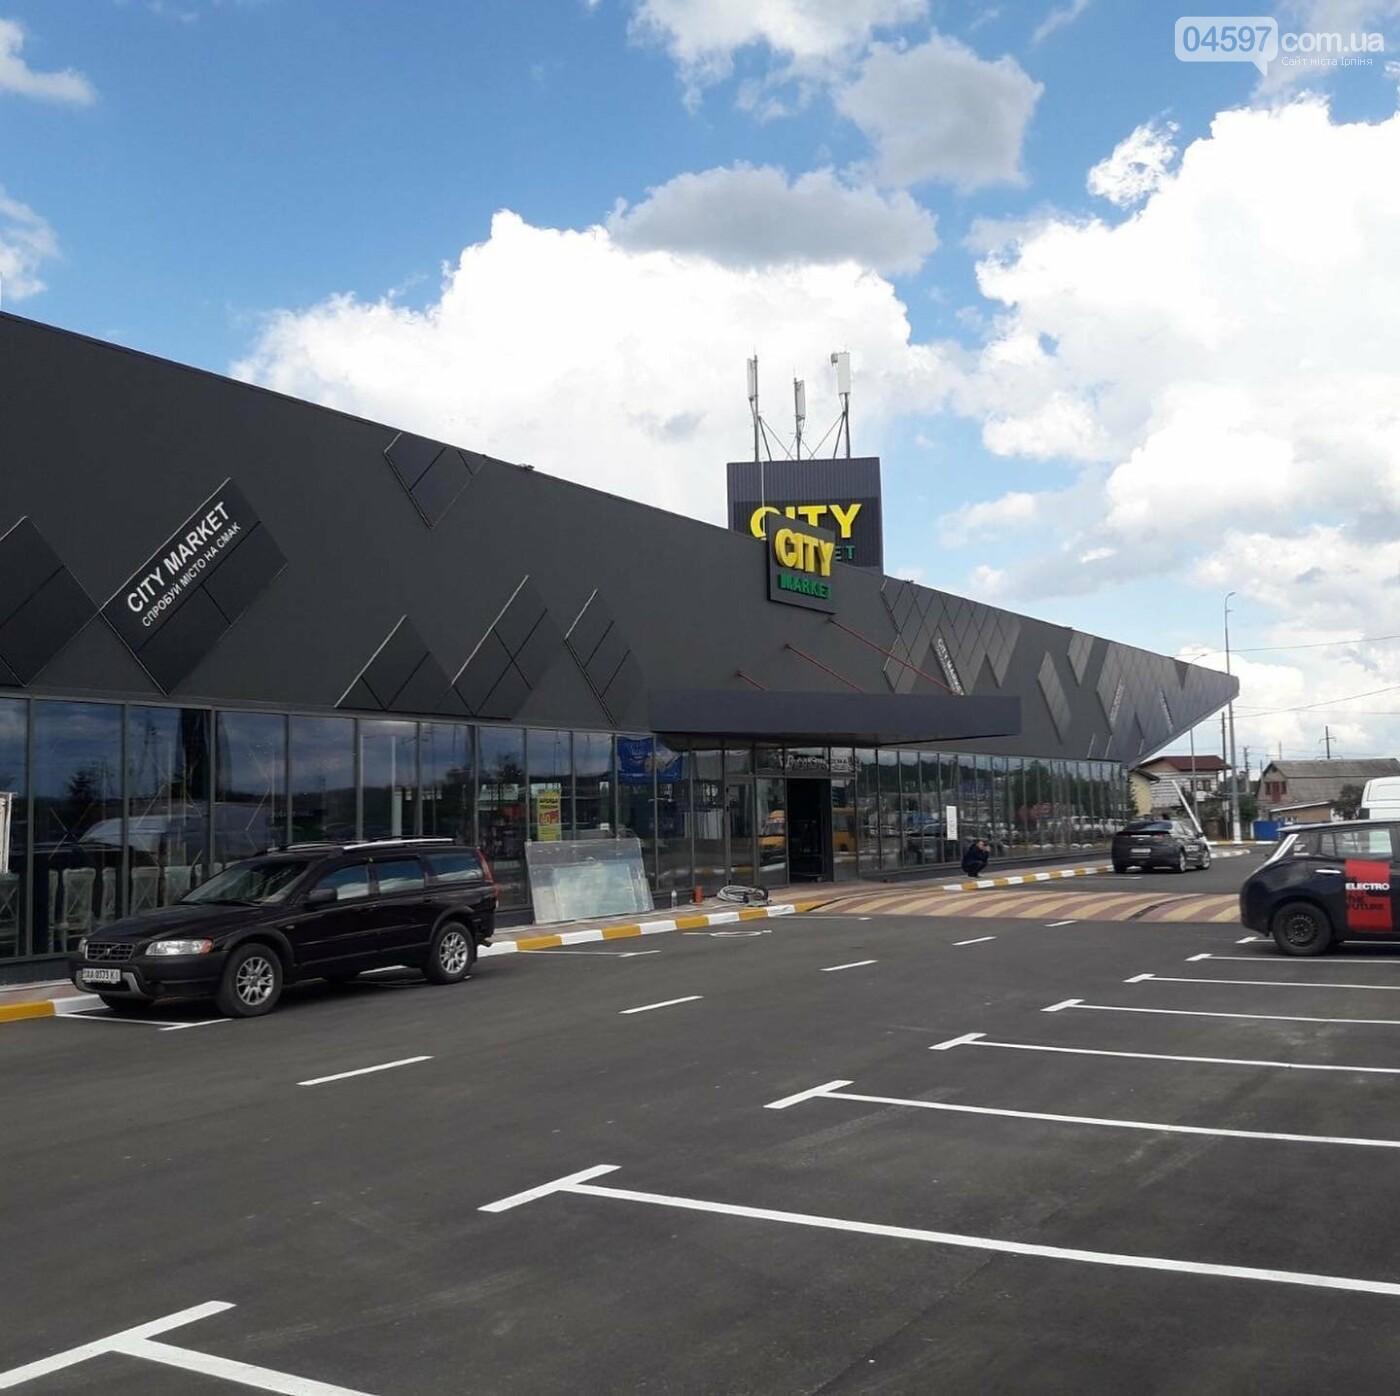 На в'їзді в Ірпінь відкрився новий супермаркет, фото-1